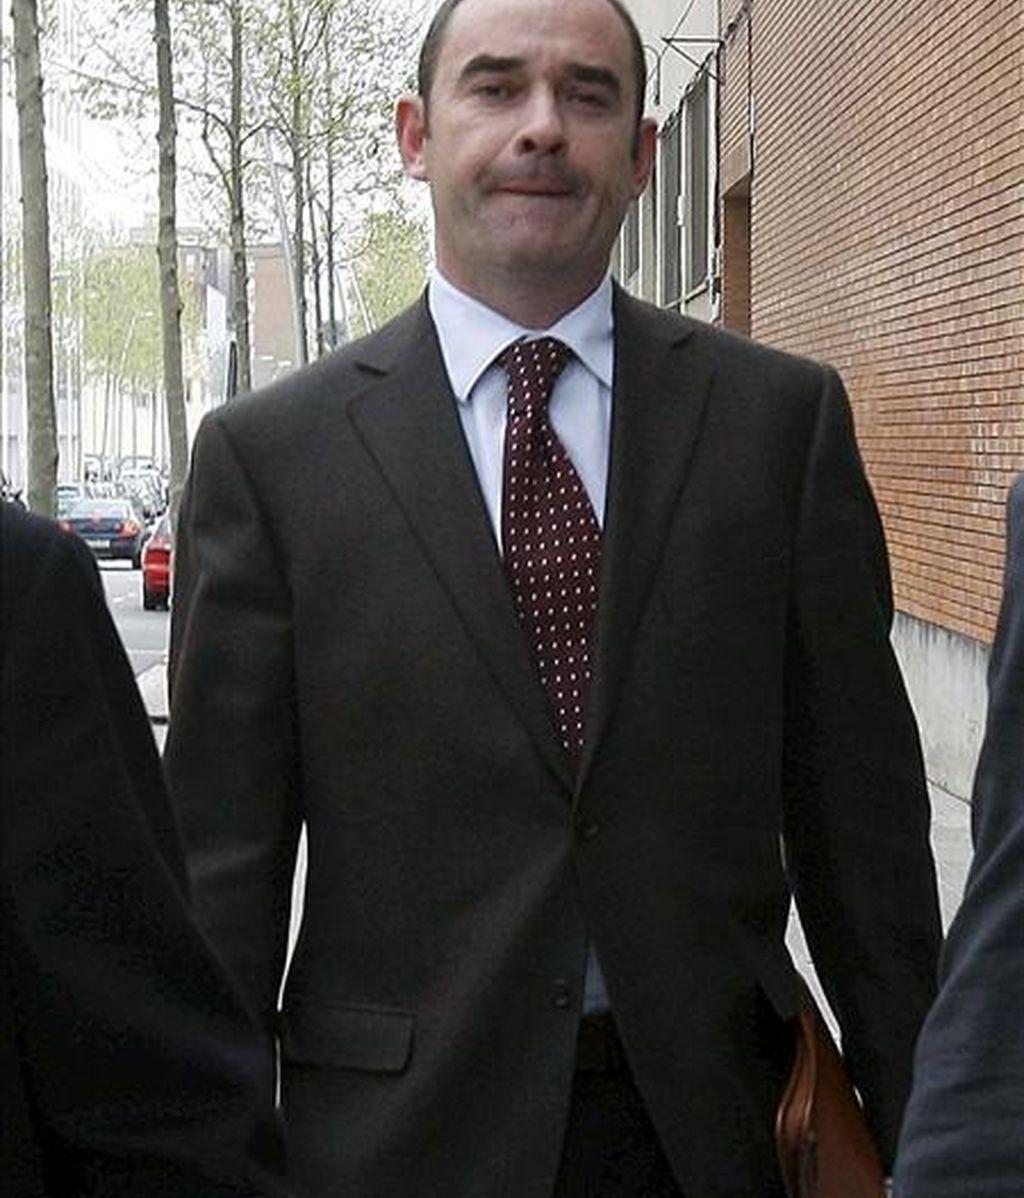 El juez decano de Barcelona, José Manuel Regadera, a su llegada a un juzgado de violencia doméstica para declarar como imputado tras ser denunciado por su esposa. EFE